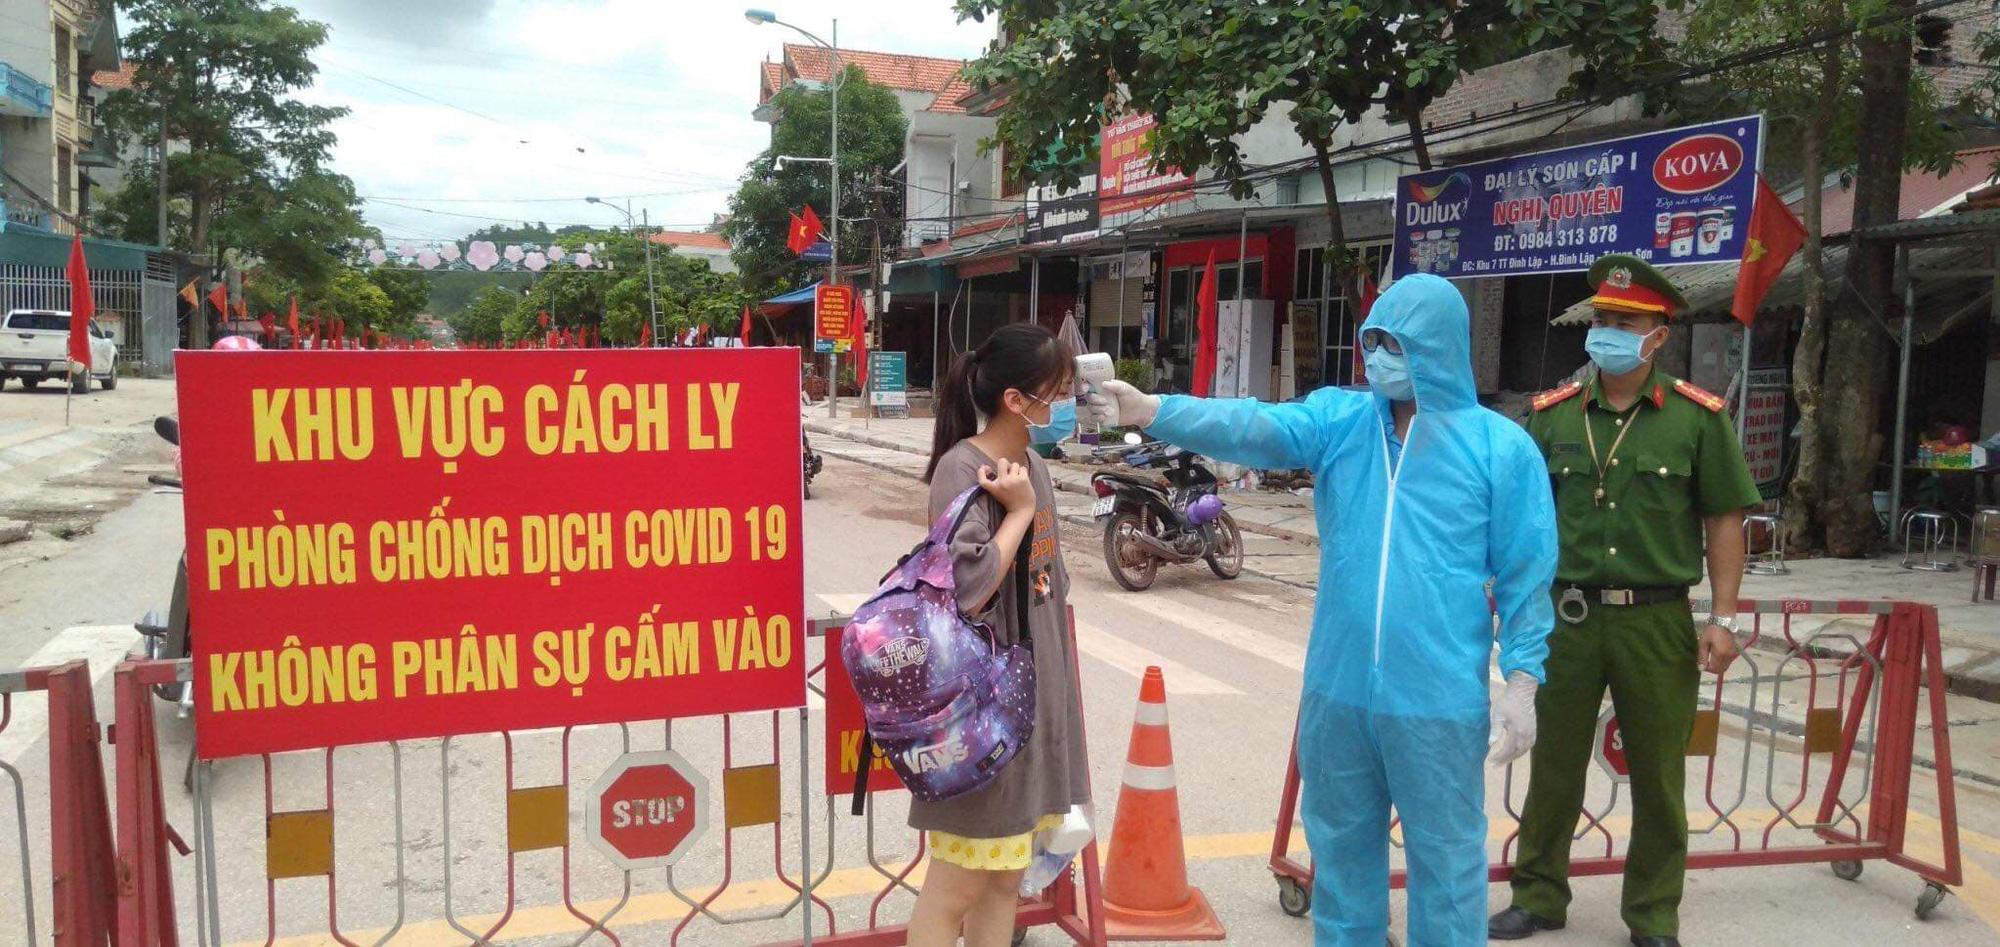 Lạng Sơn: Gia đình 4 người dương tính với Covid- 19 sau chuyến du lịch Đà Nẵng  - Ảnh 2.